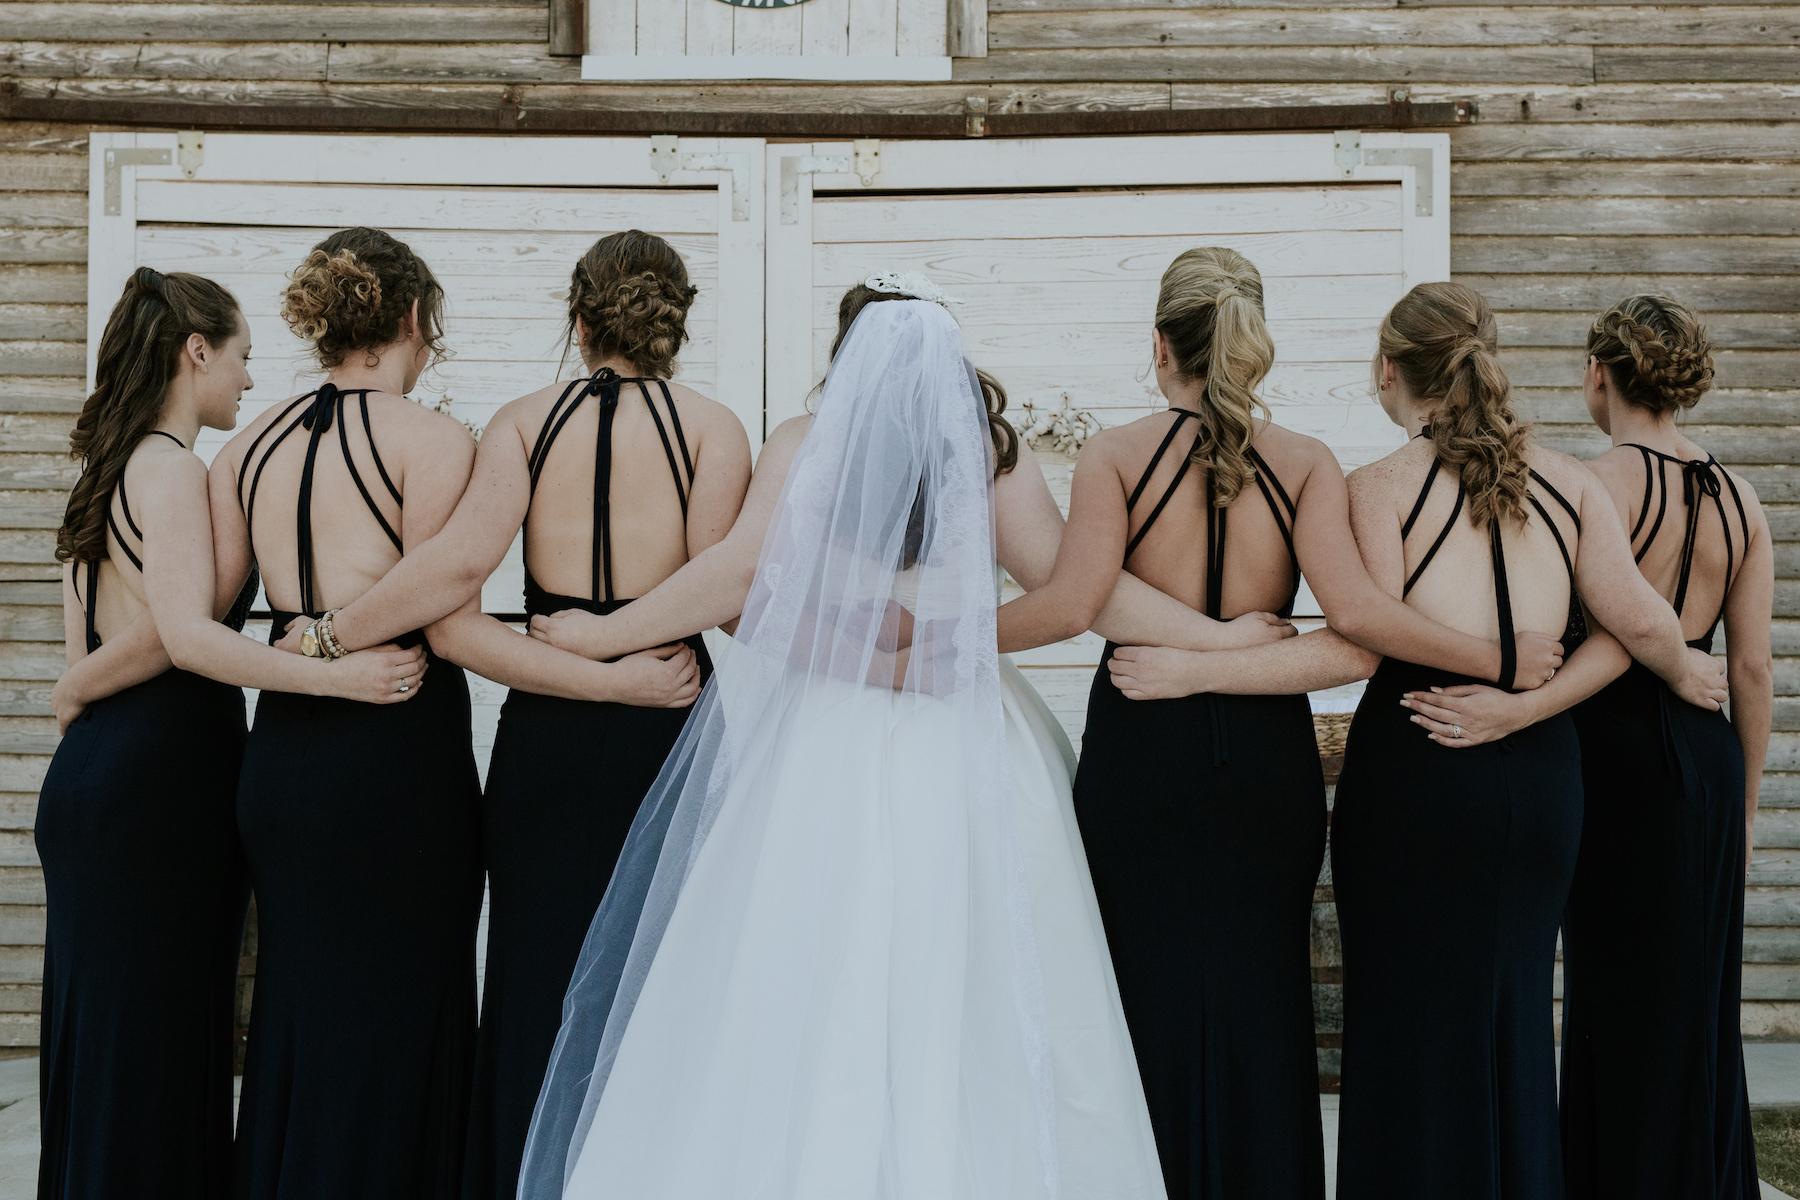 barn-forevermore-farm-moore-sc-wedding-021.JPG